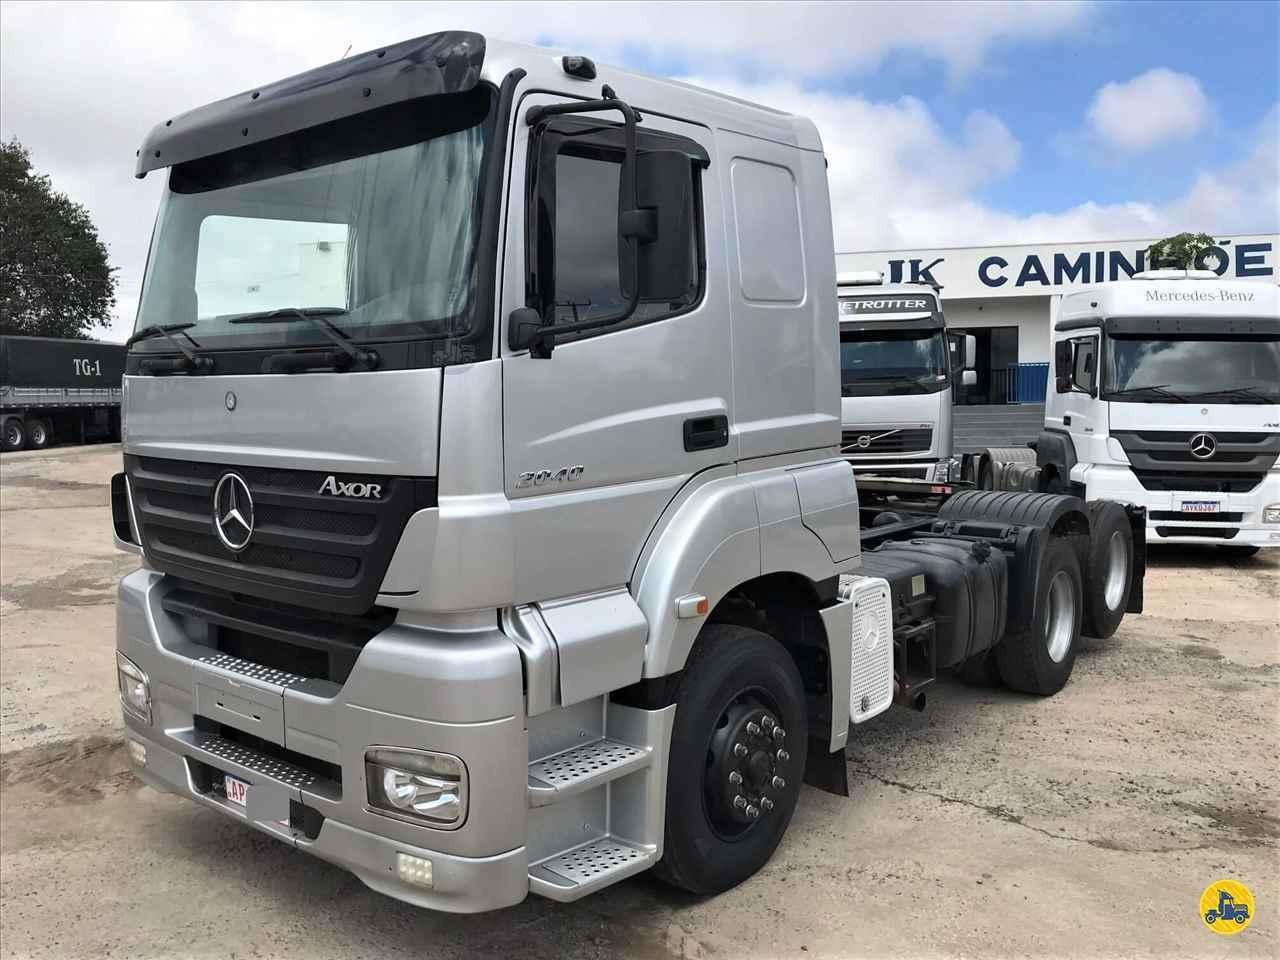 CAMINHAO MERCEDES-BENZ MB 2040 Cavalo Mecânico Truck 6x2 JK Caminhões PR SARANDI PARANÁ PR